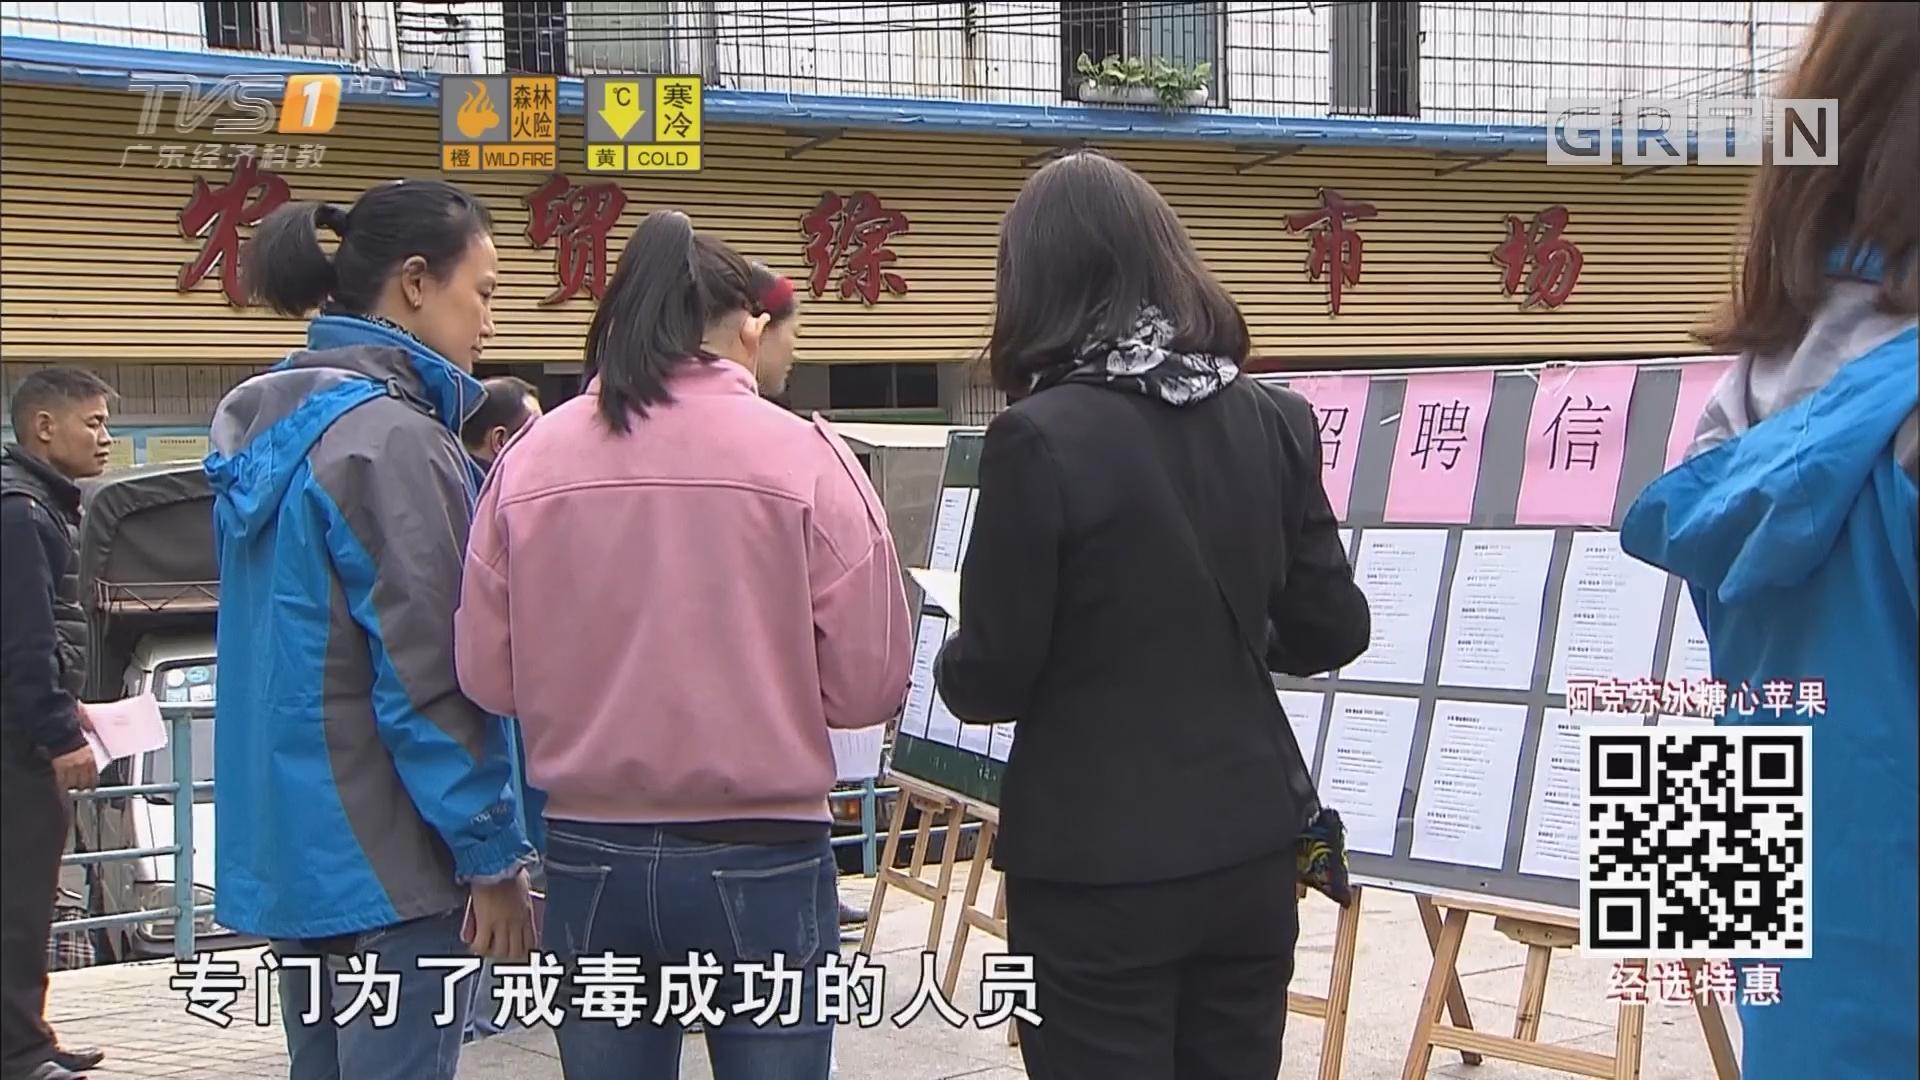 广州:拒绝歧视 禁毒委为戒毒成功人员找工作!